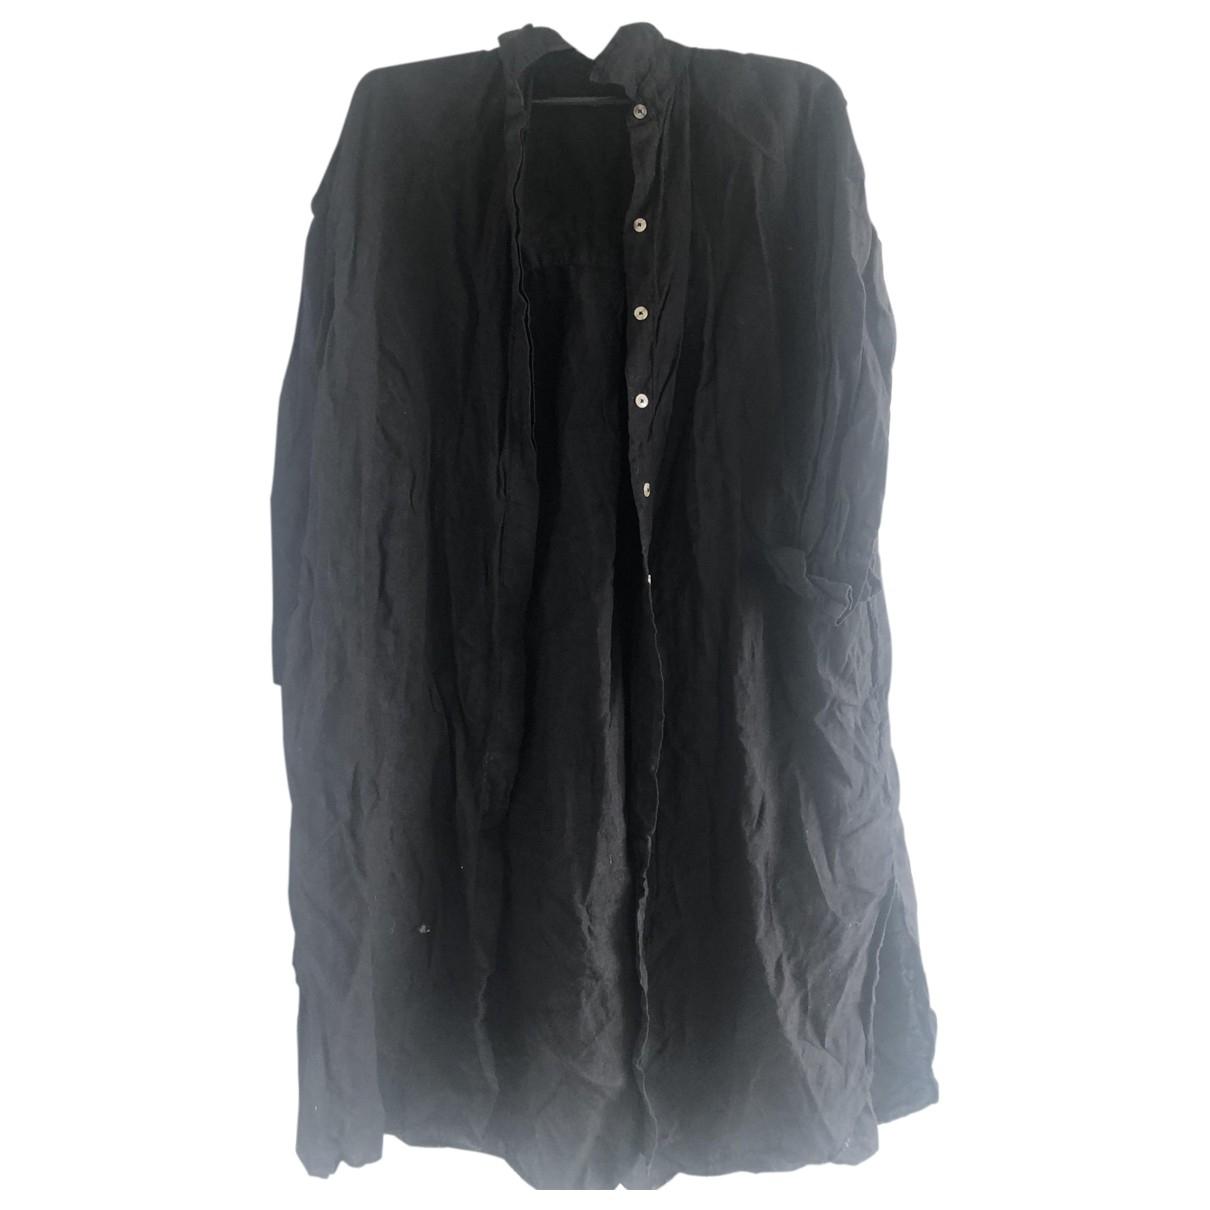 Massimo Dutti \N Black Linen skirt for Women S International